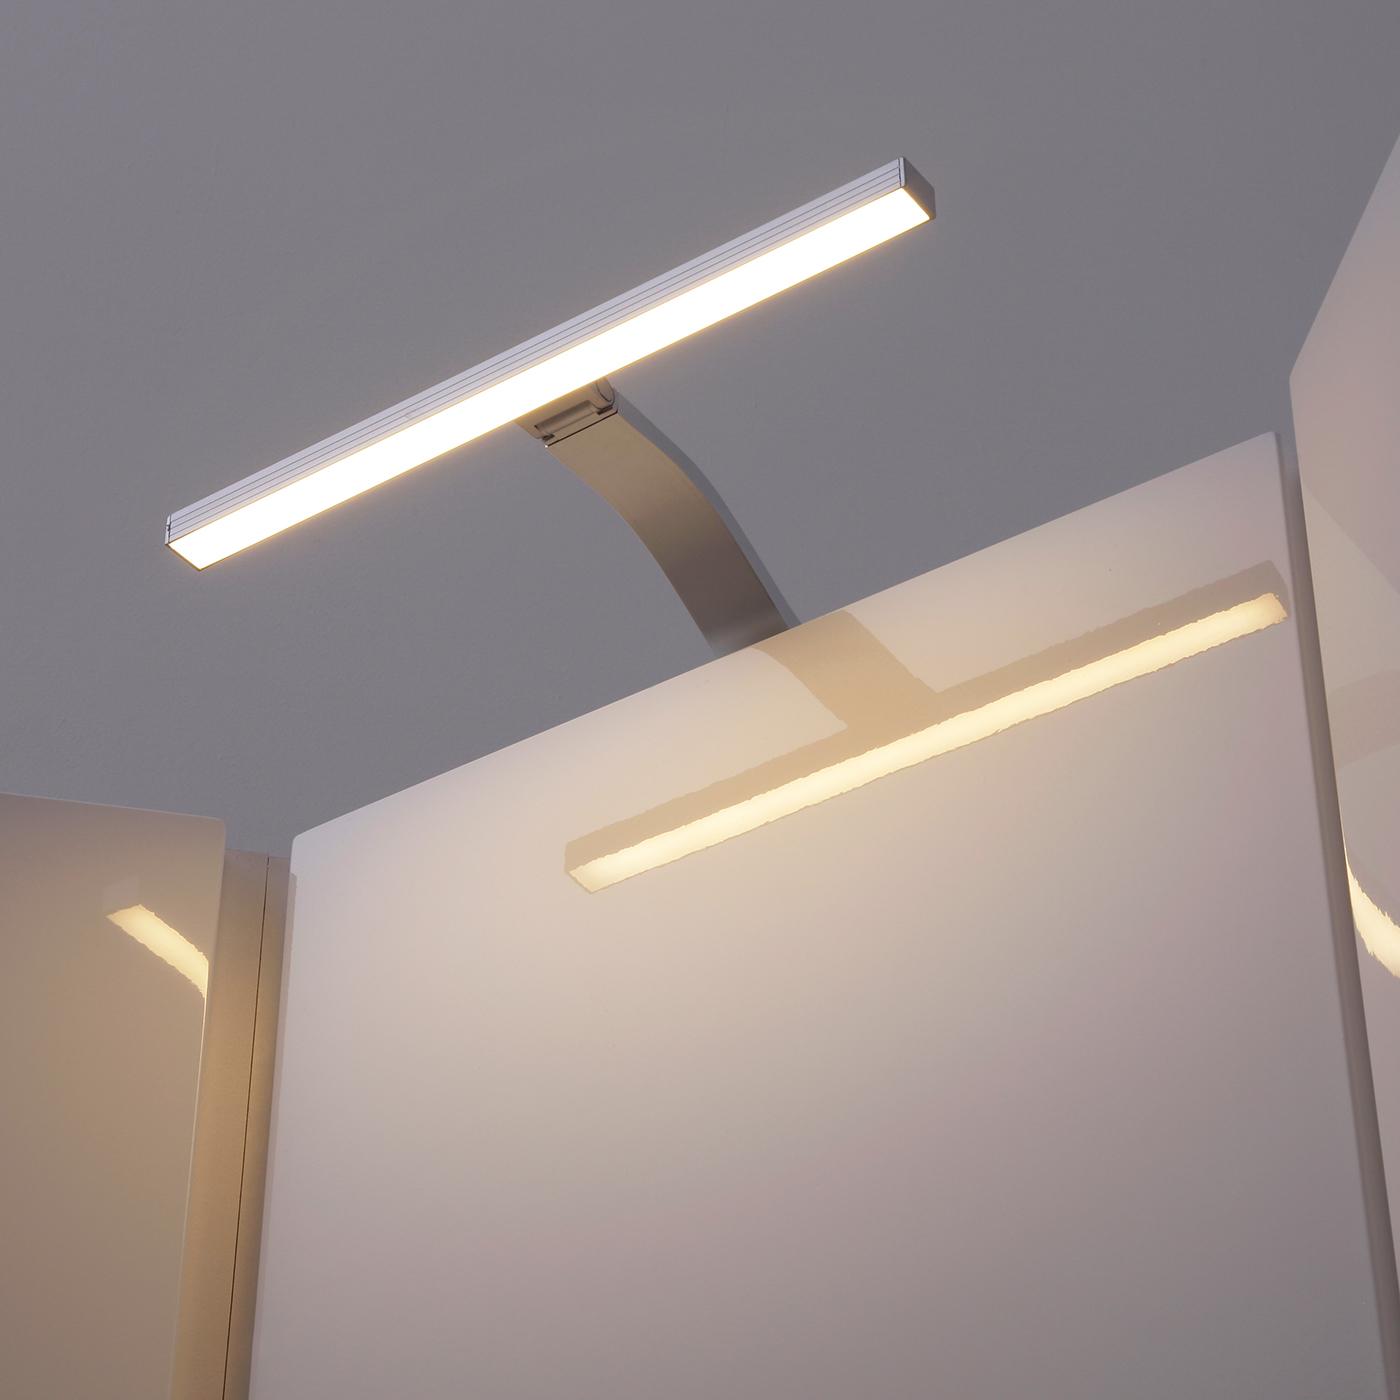 Illuminazione LED Sopra Armadietto con Lampada Circolare 3,5 W e Trasformatore